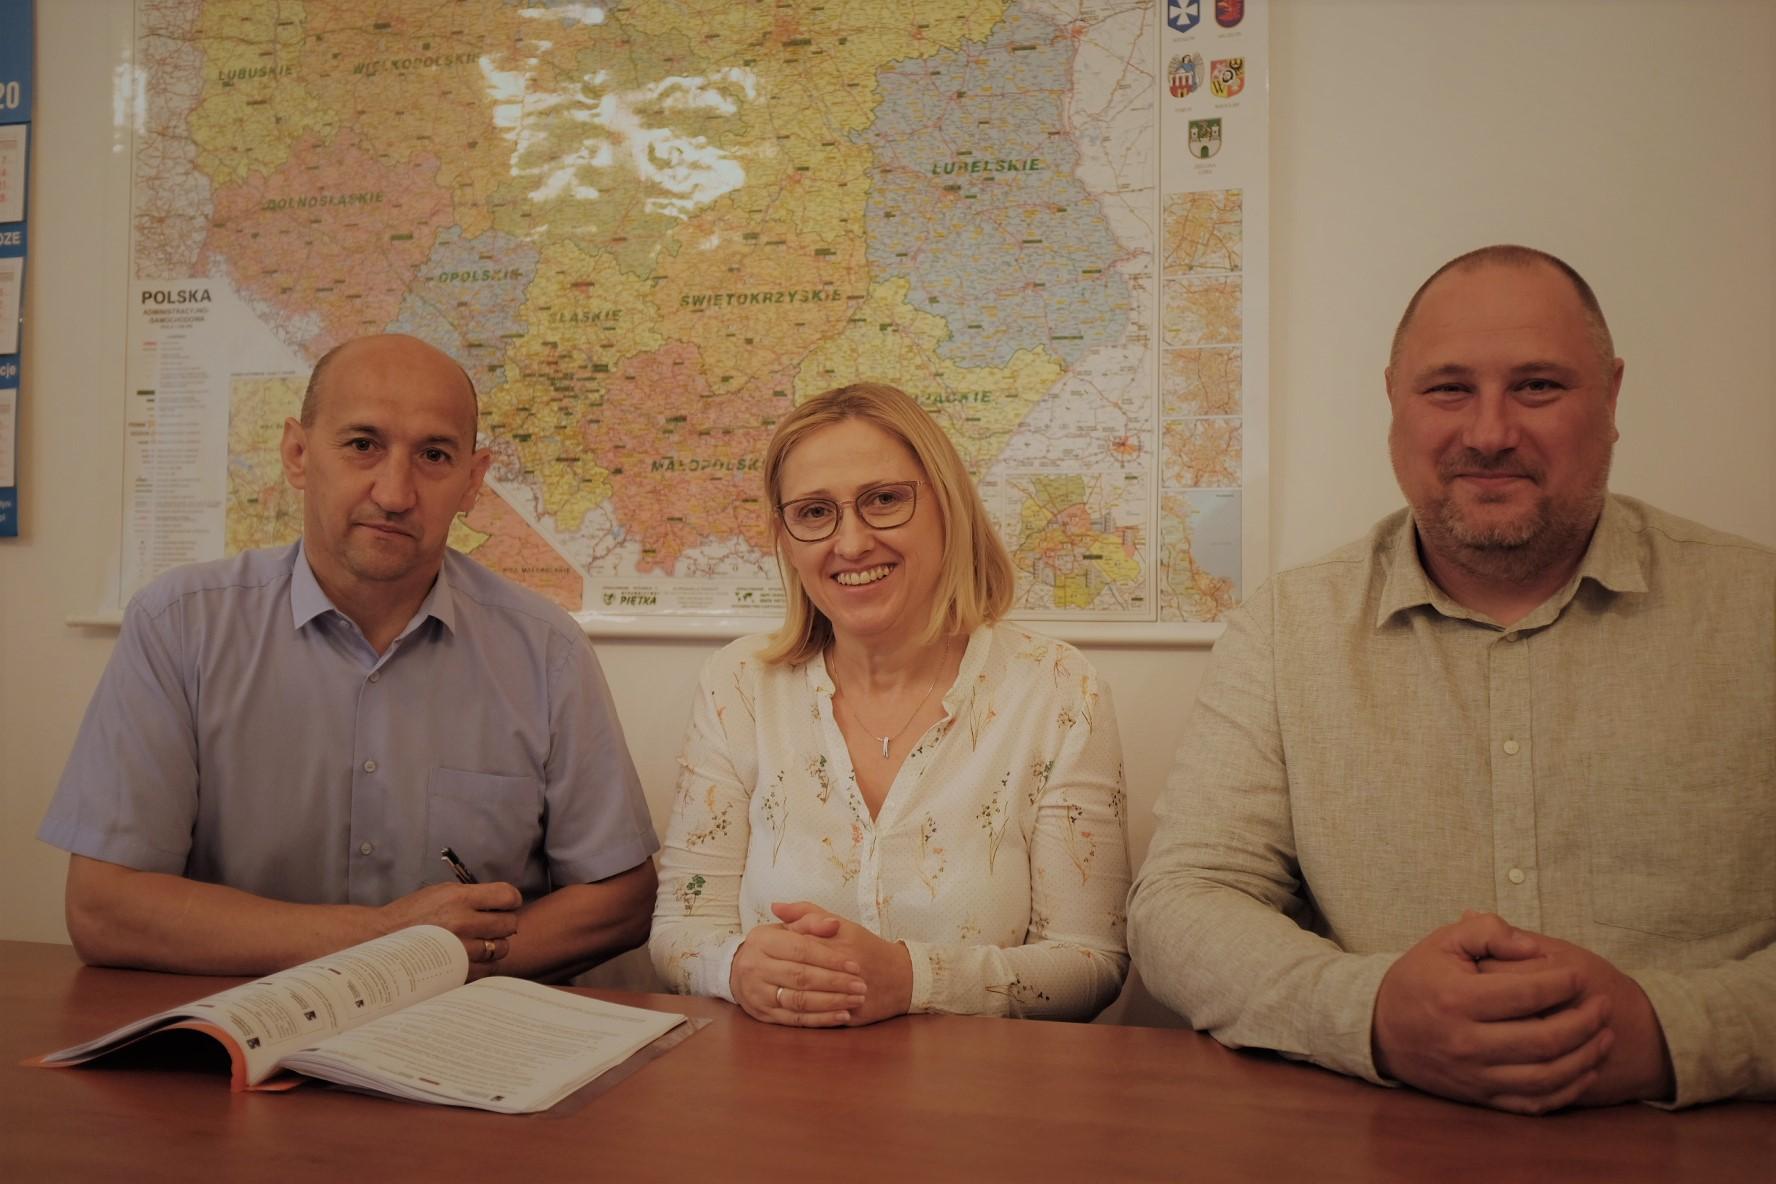 GMINA KRZYWDA Lokalny Ośrodek Wiedzy i Edukacji  w Radoryżu Kościelnym.  - Zdjęcie główne